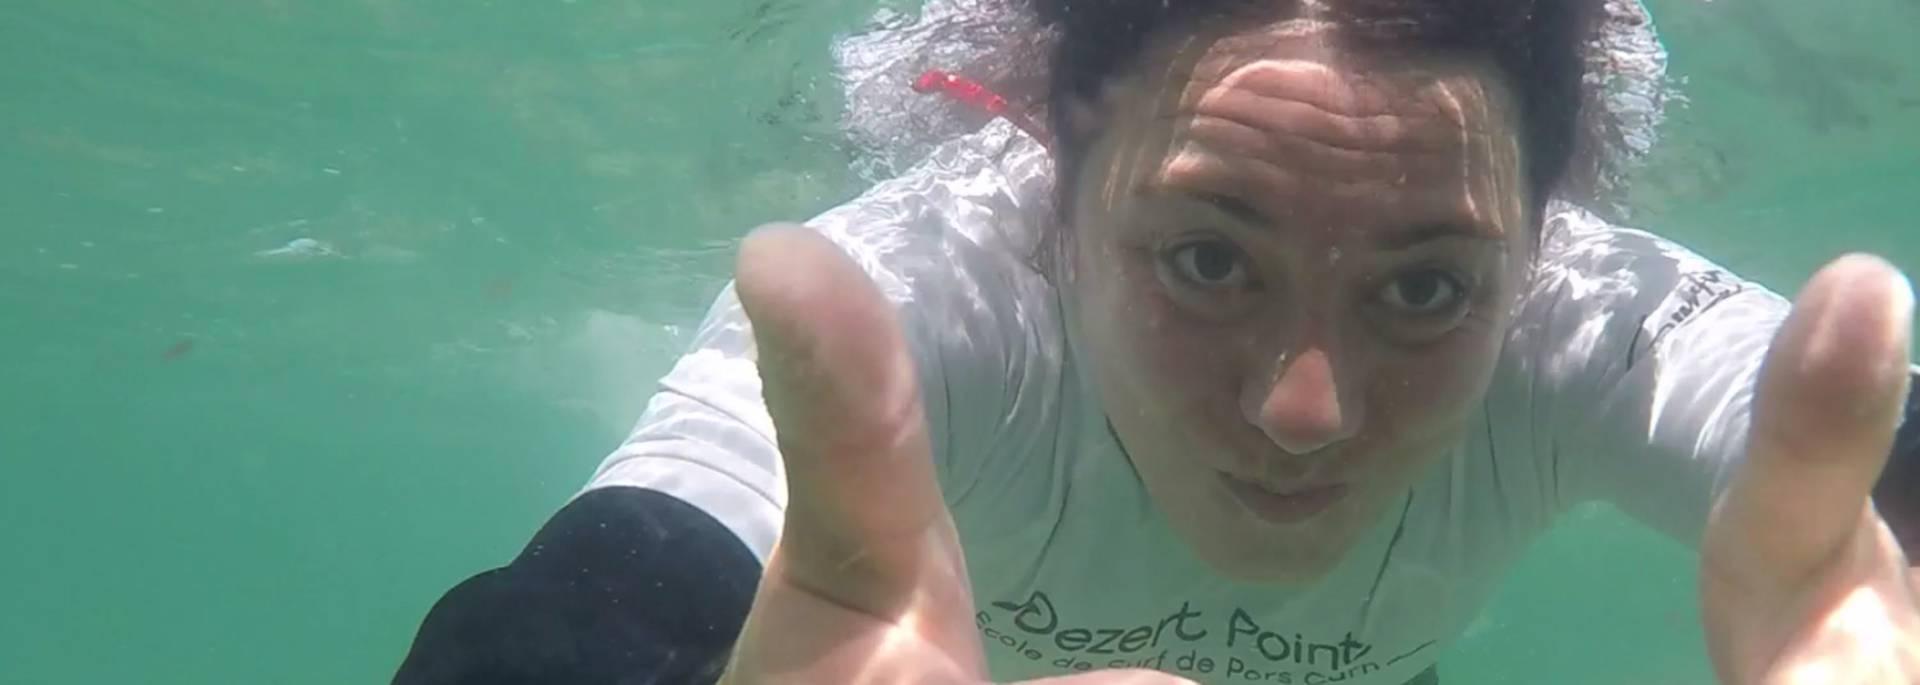 Mein erster Surfkurs im Pays Bigouden - unter Wasser © T Hourmand